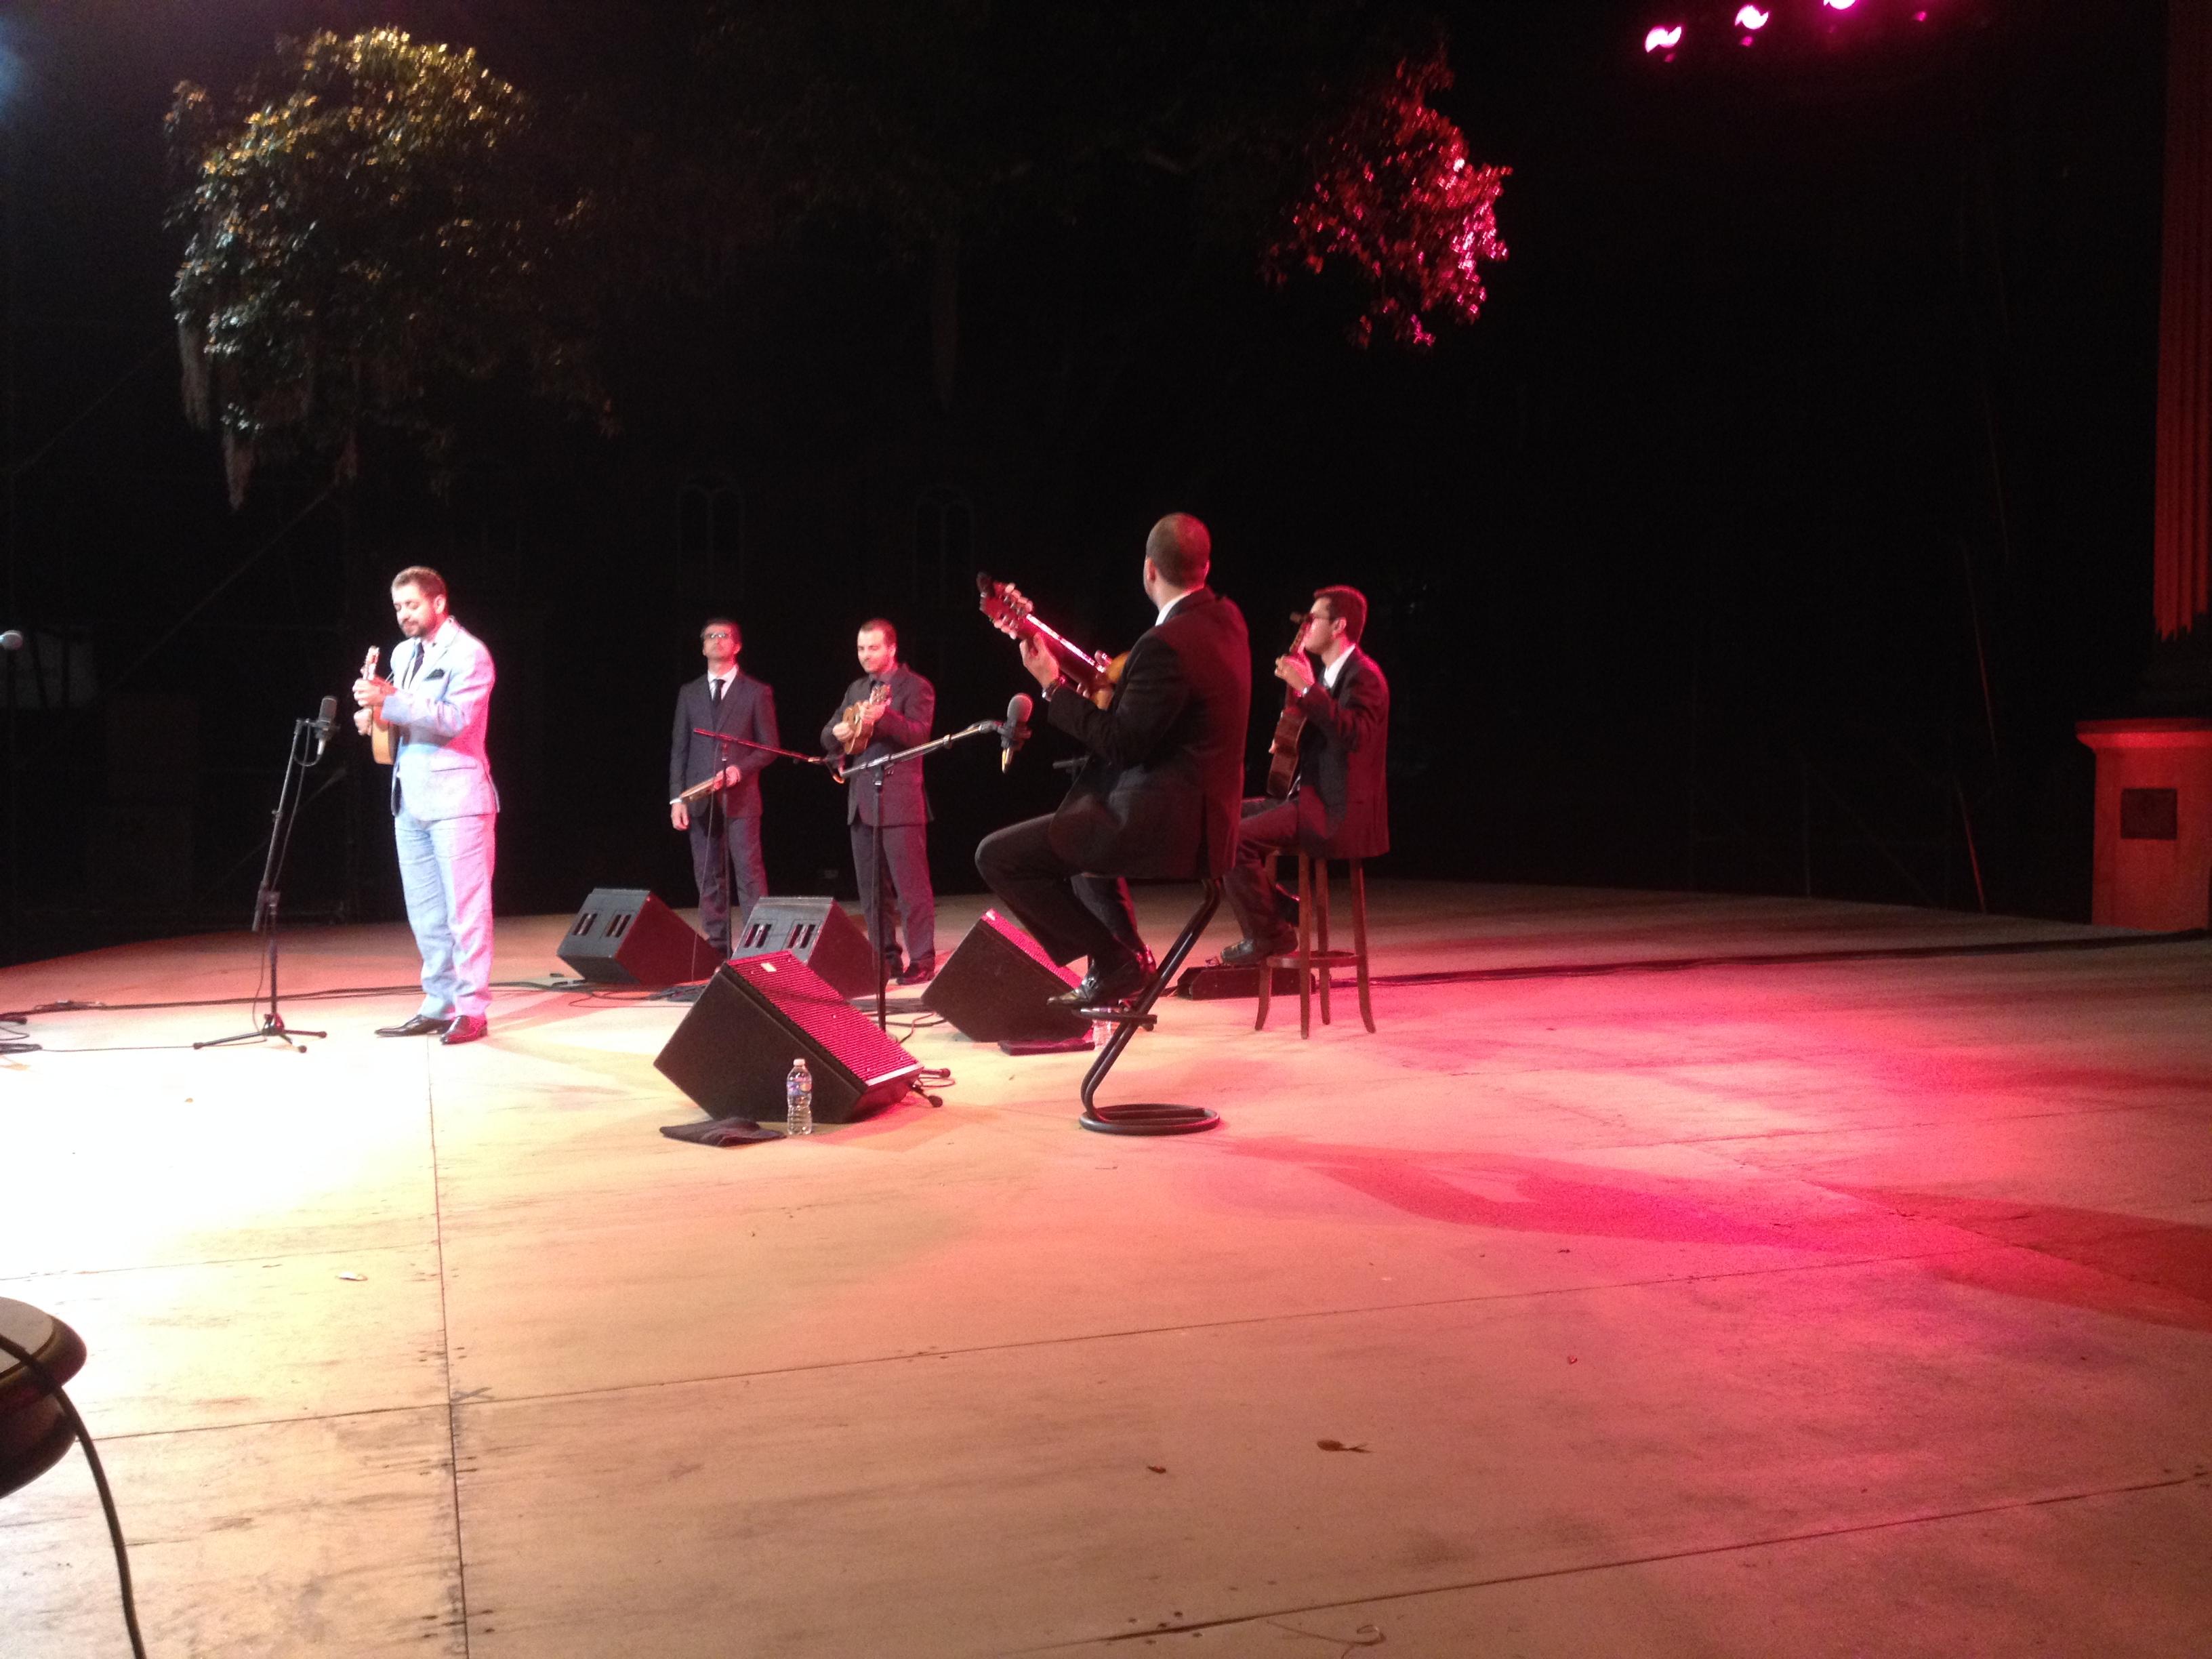 Dueto do Céu: Danilo Brito e seu bandolim - Charleston City Paper